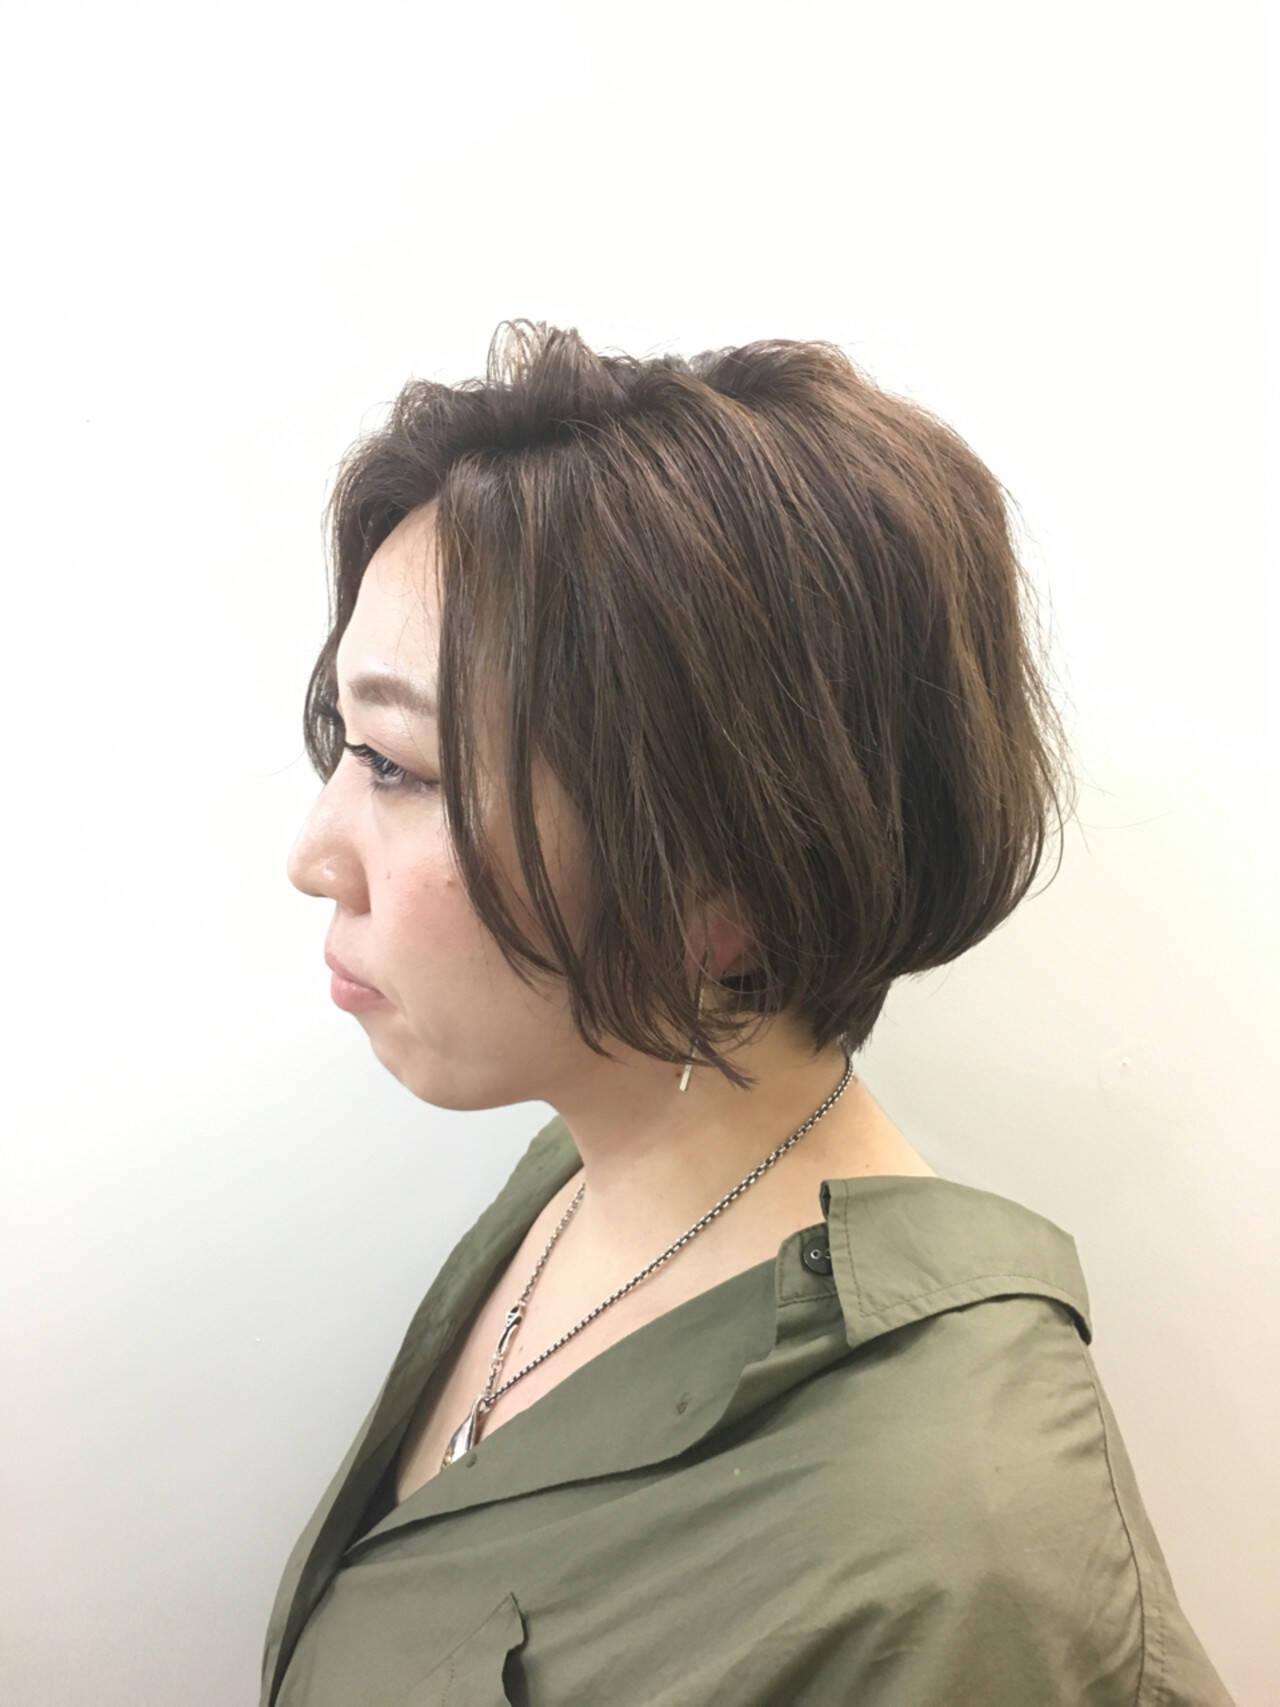 ボブ ハイライト 小顔 大人女子ヘアスタイルや髪型の写真・画像